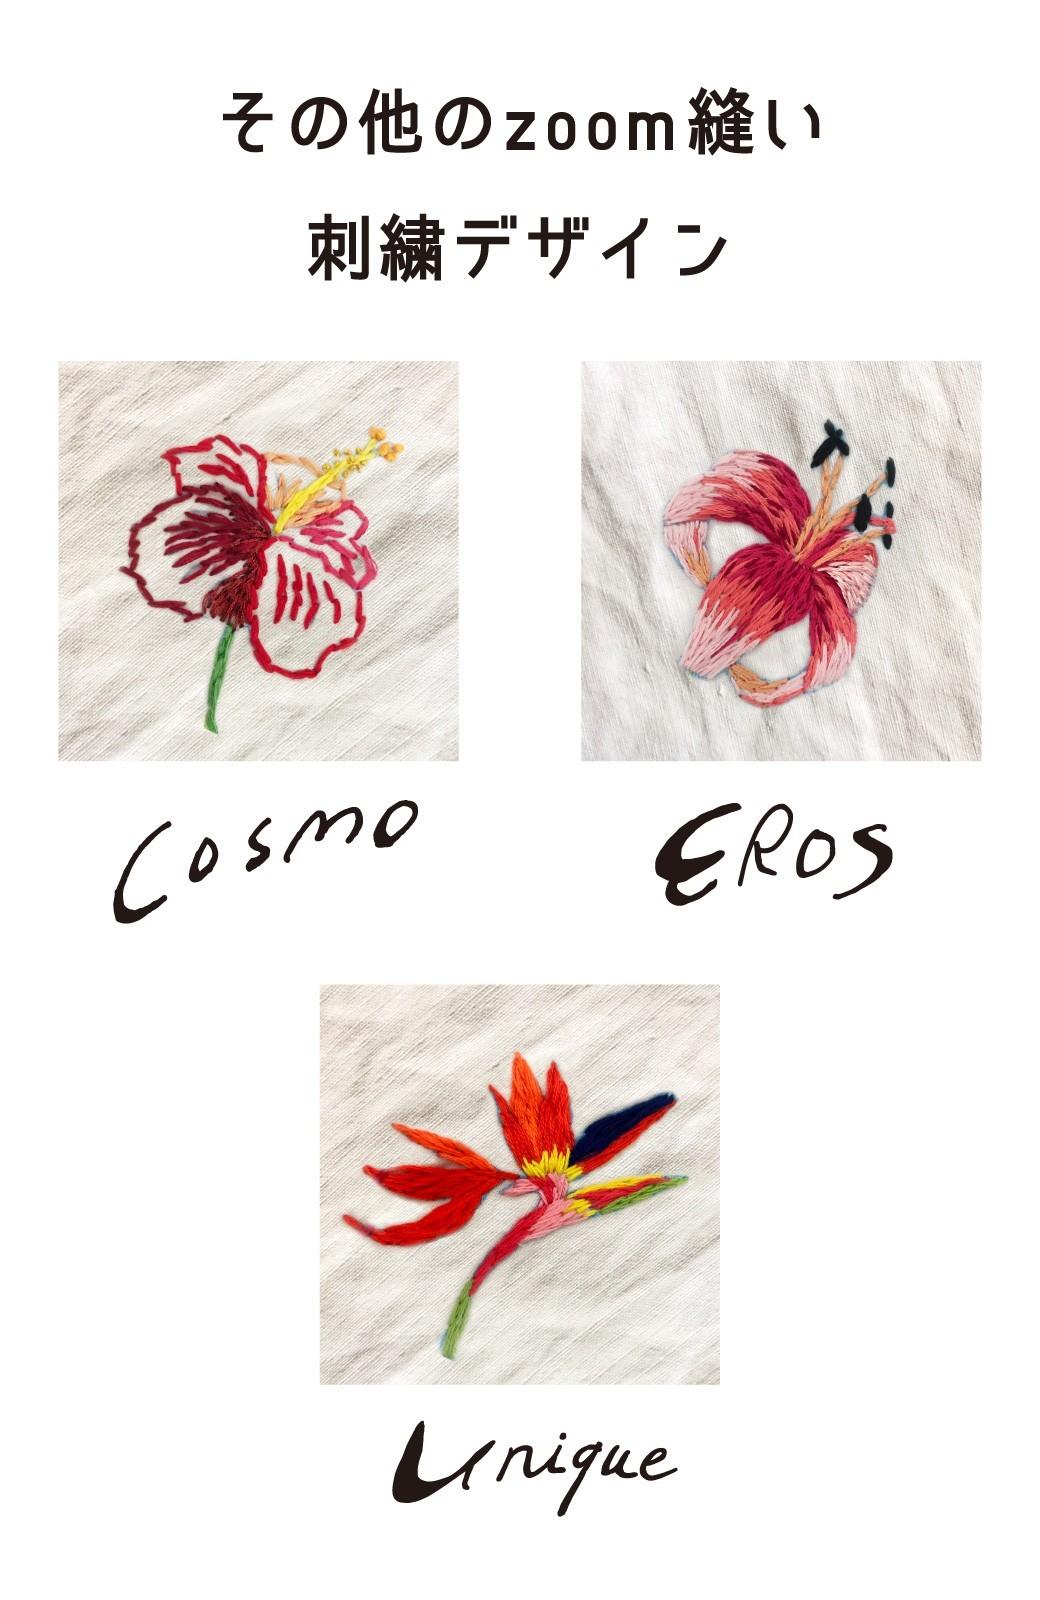 haco! haco! [haco! POST] 刺繍アーティスト二宮佐和子さんとみんなでワイワイ刺繍!zoom縫いワークショップ参加チケット 6/21・6/24開催<micro macro> <その他>の商品写真8